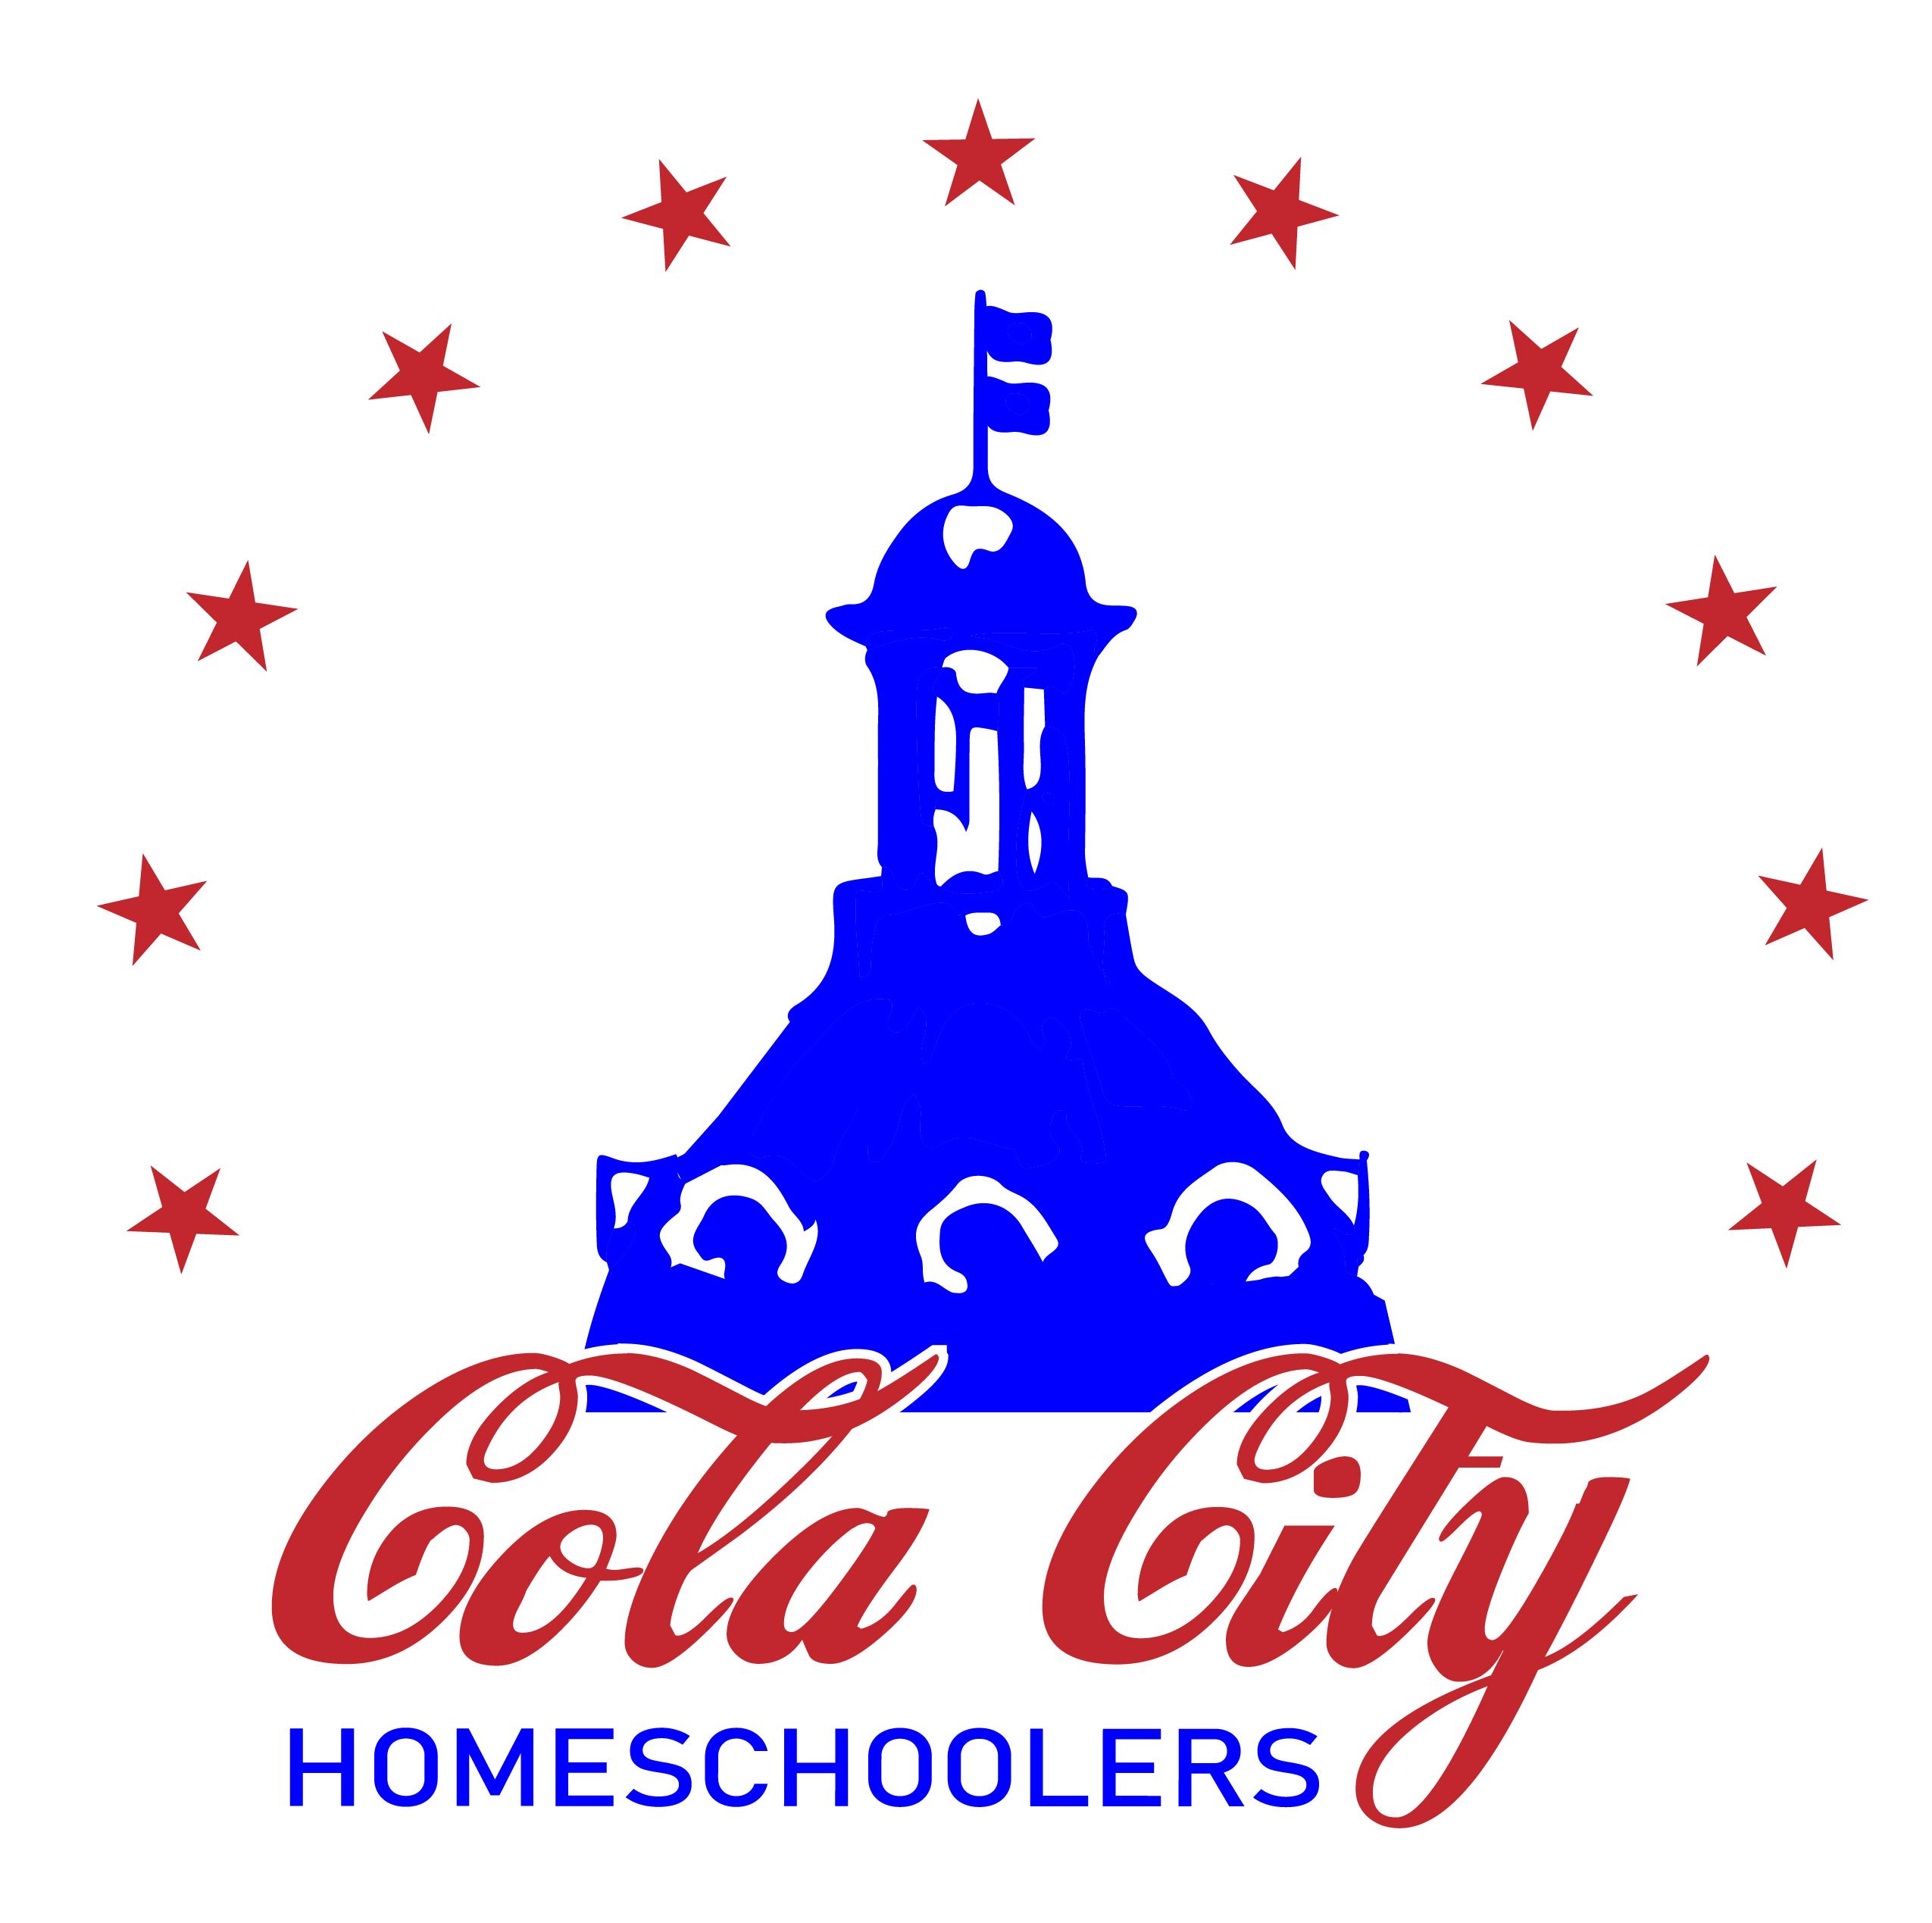 Cola City Homeschoolers Vertical logo